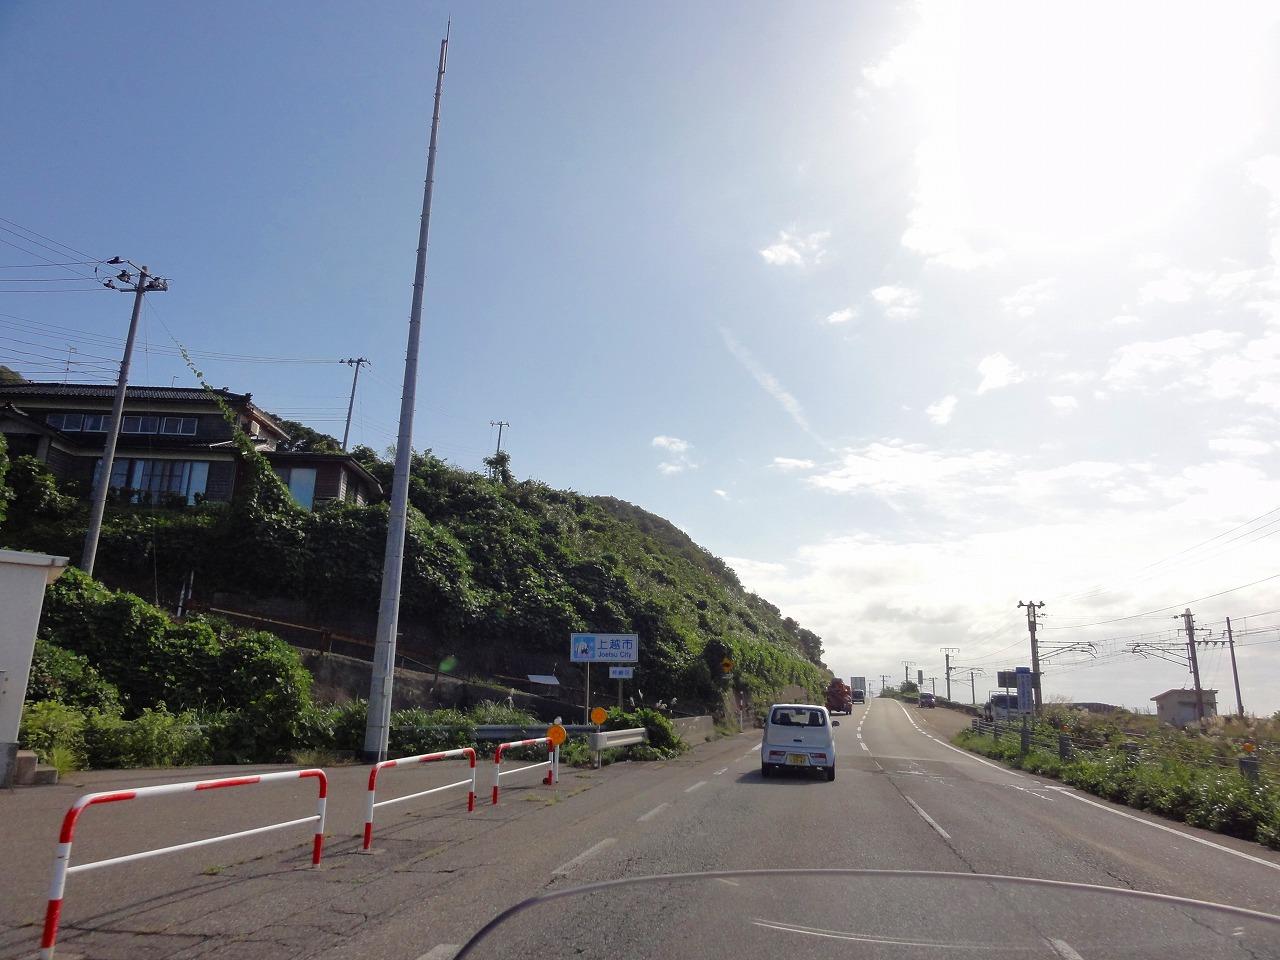 ひさしぶりのキャンプツーリング(柏崎)